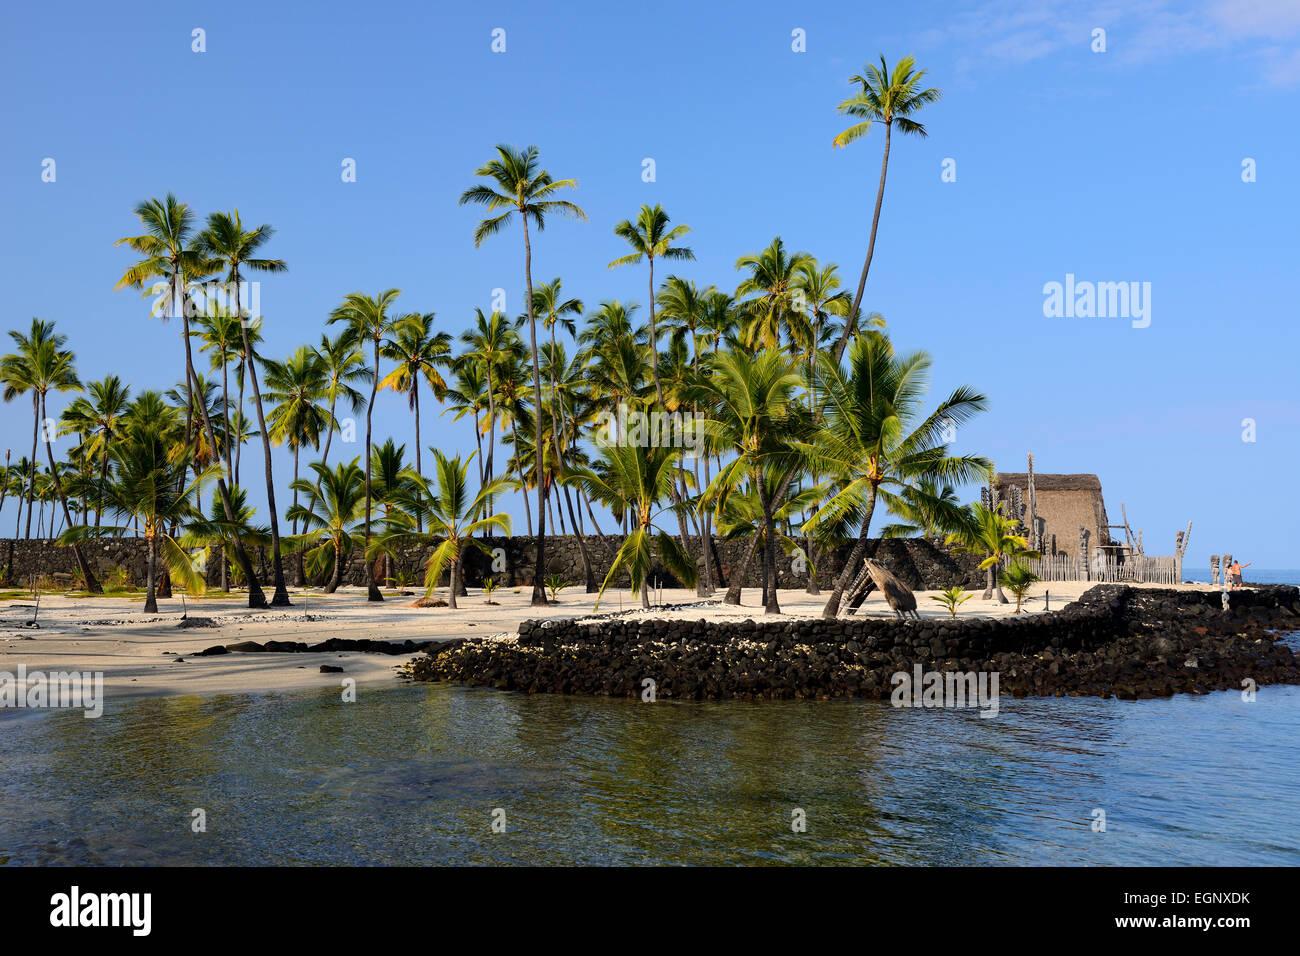 Pu'uhonua O Honaunau National Historical Park, Big Island, Hawaii, USA Stock Photo